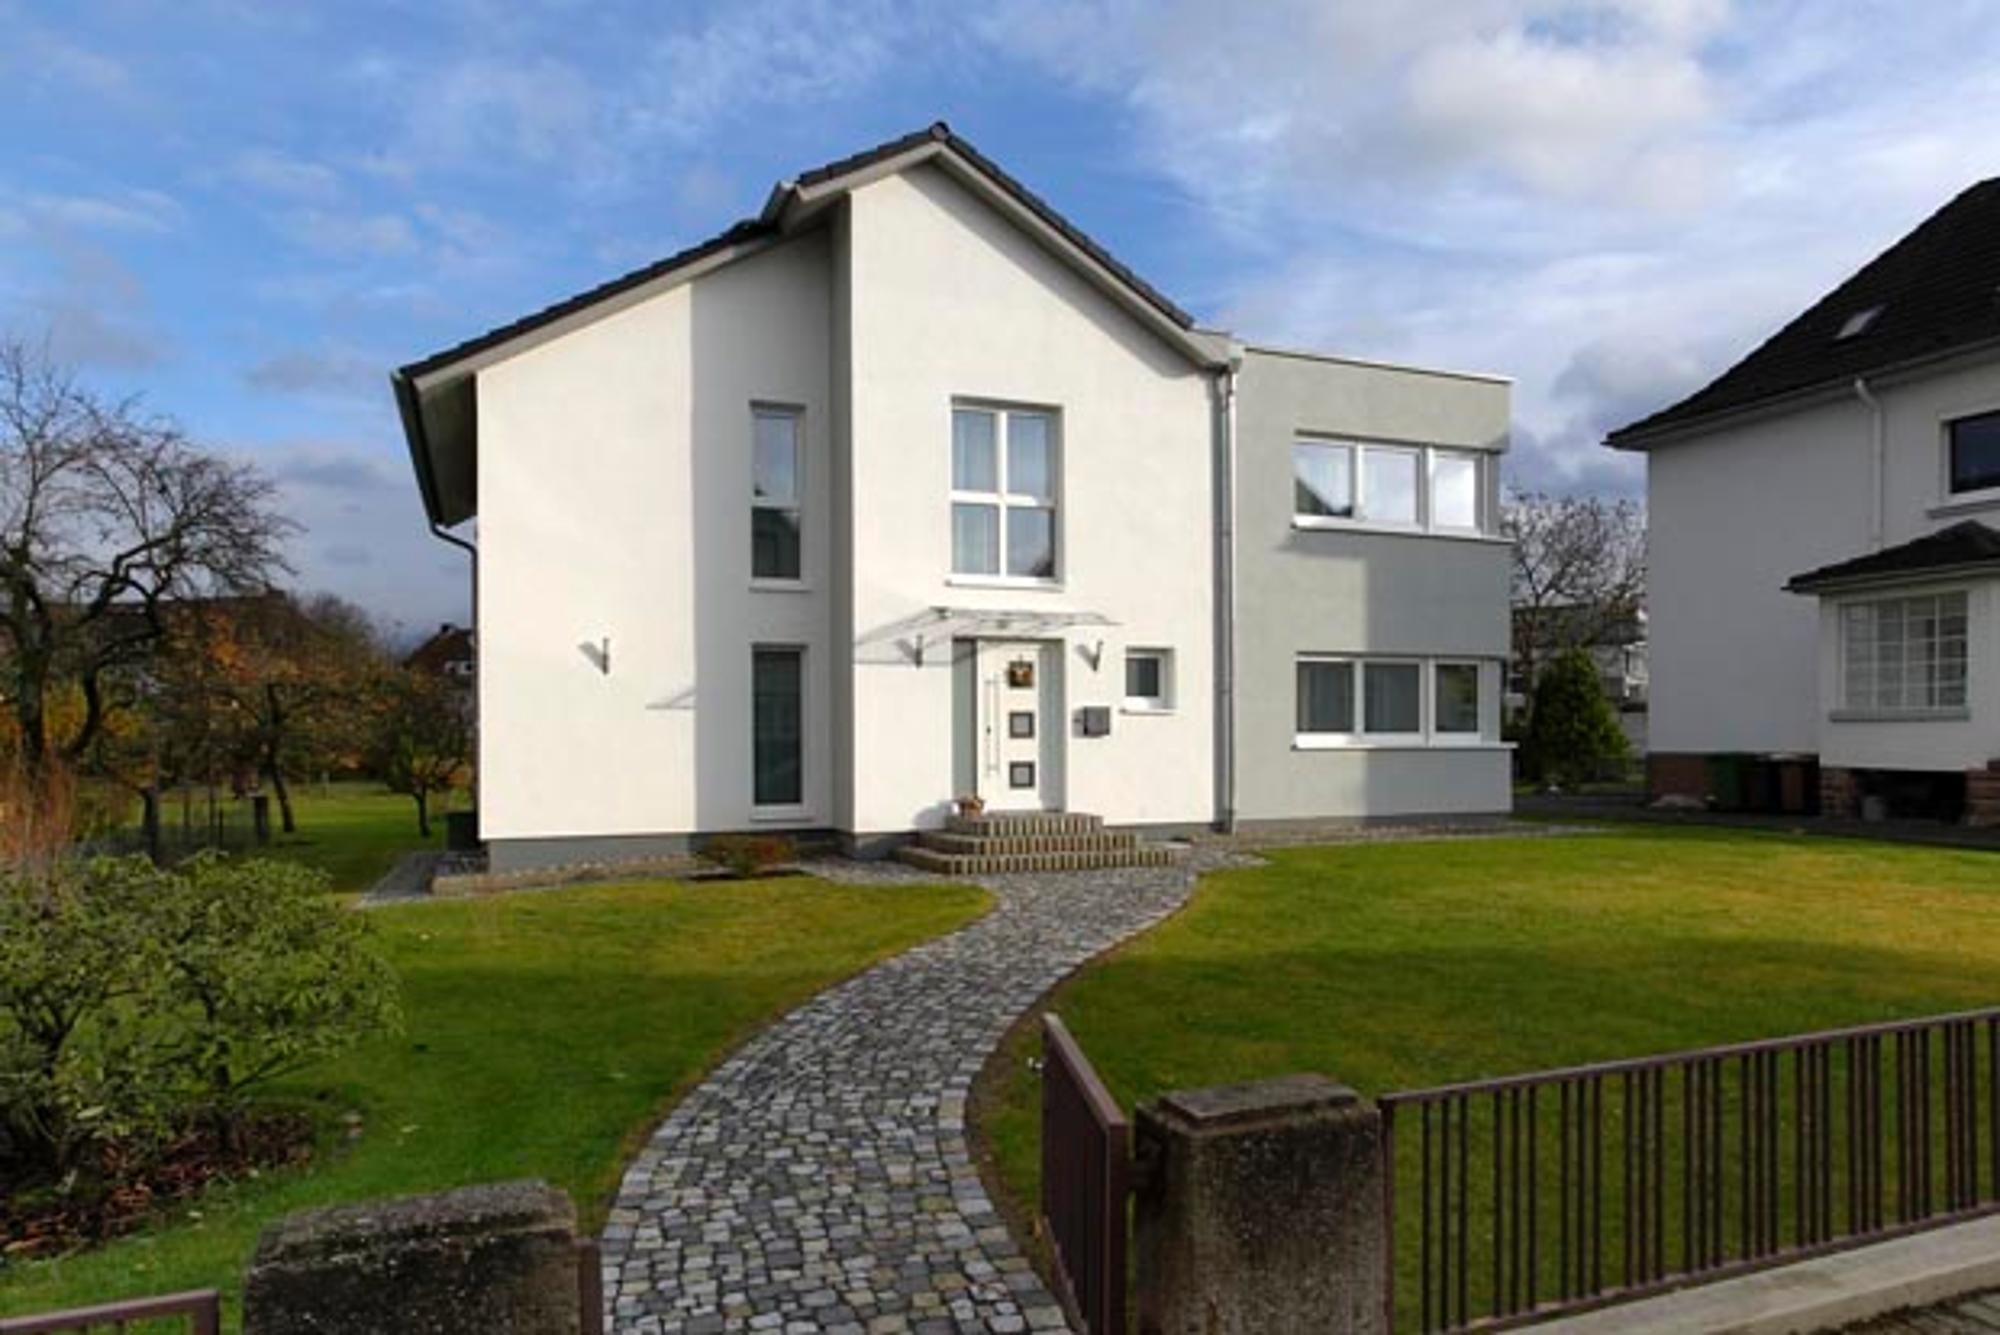 Malerisch Haus Anbau Foto Von Thienemann Geschickt Ergänzt: Der Fügt Sich Sehr